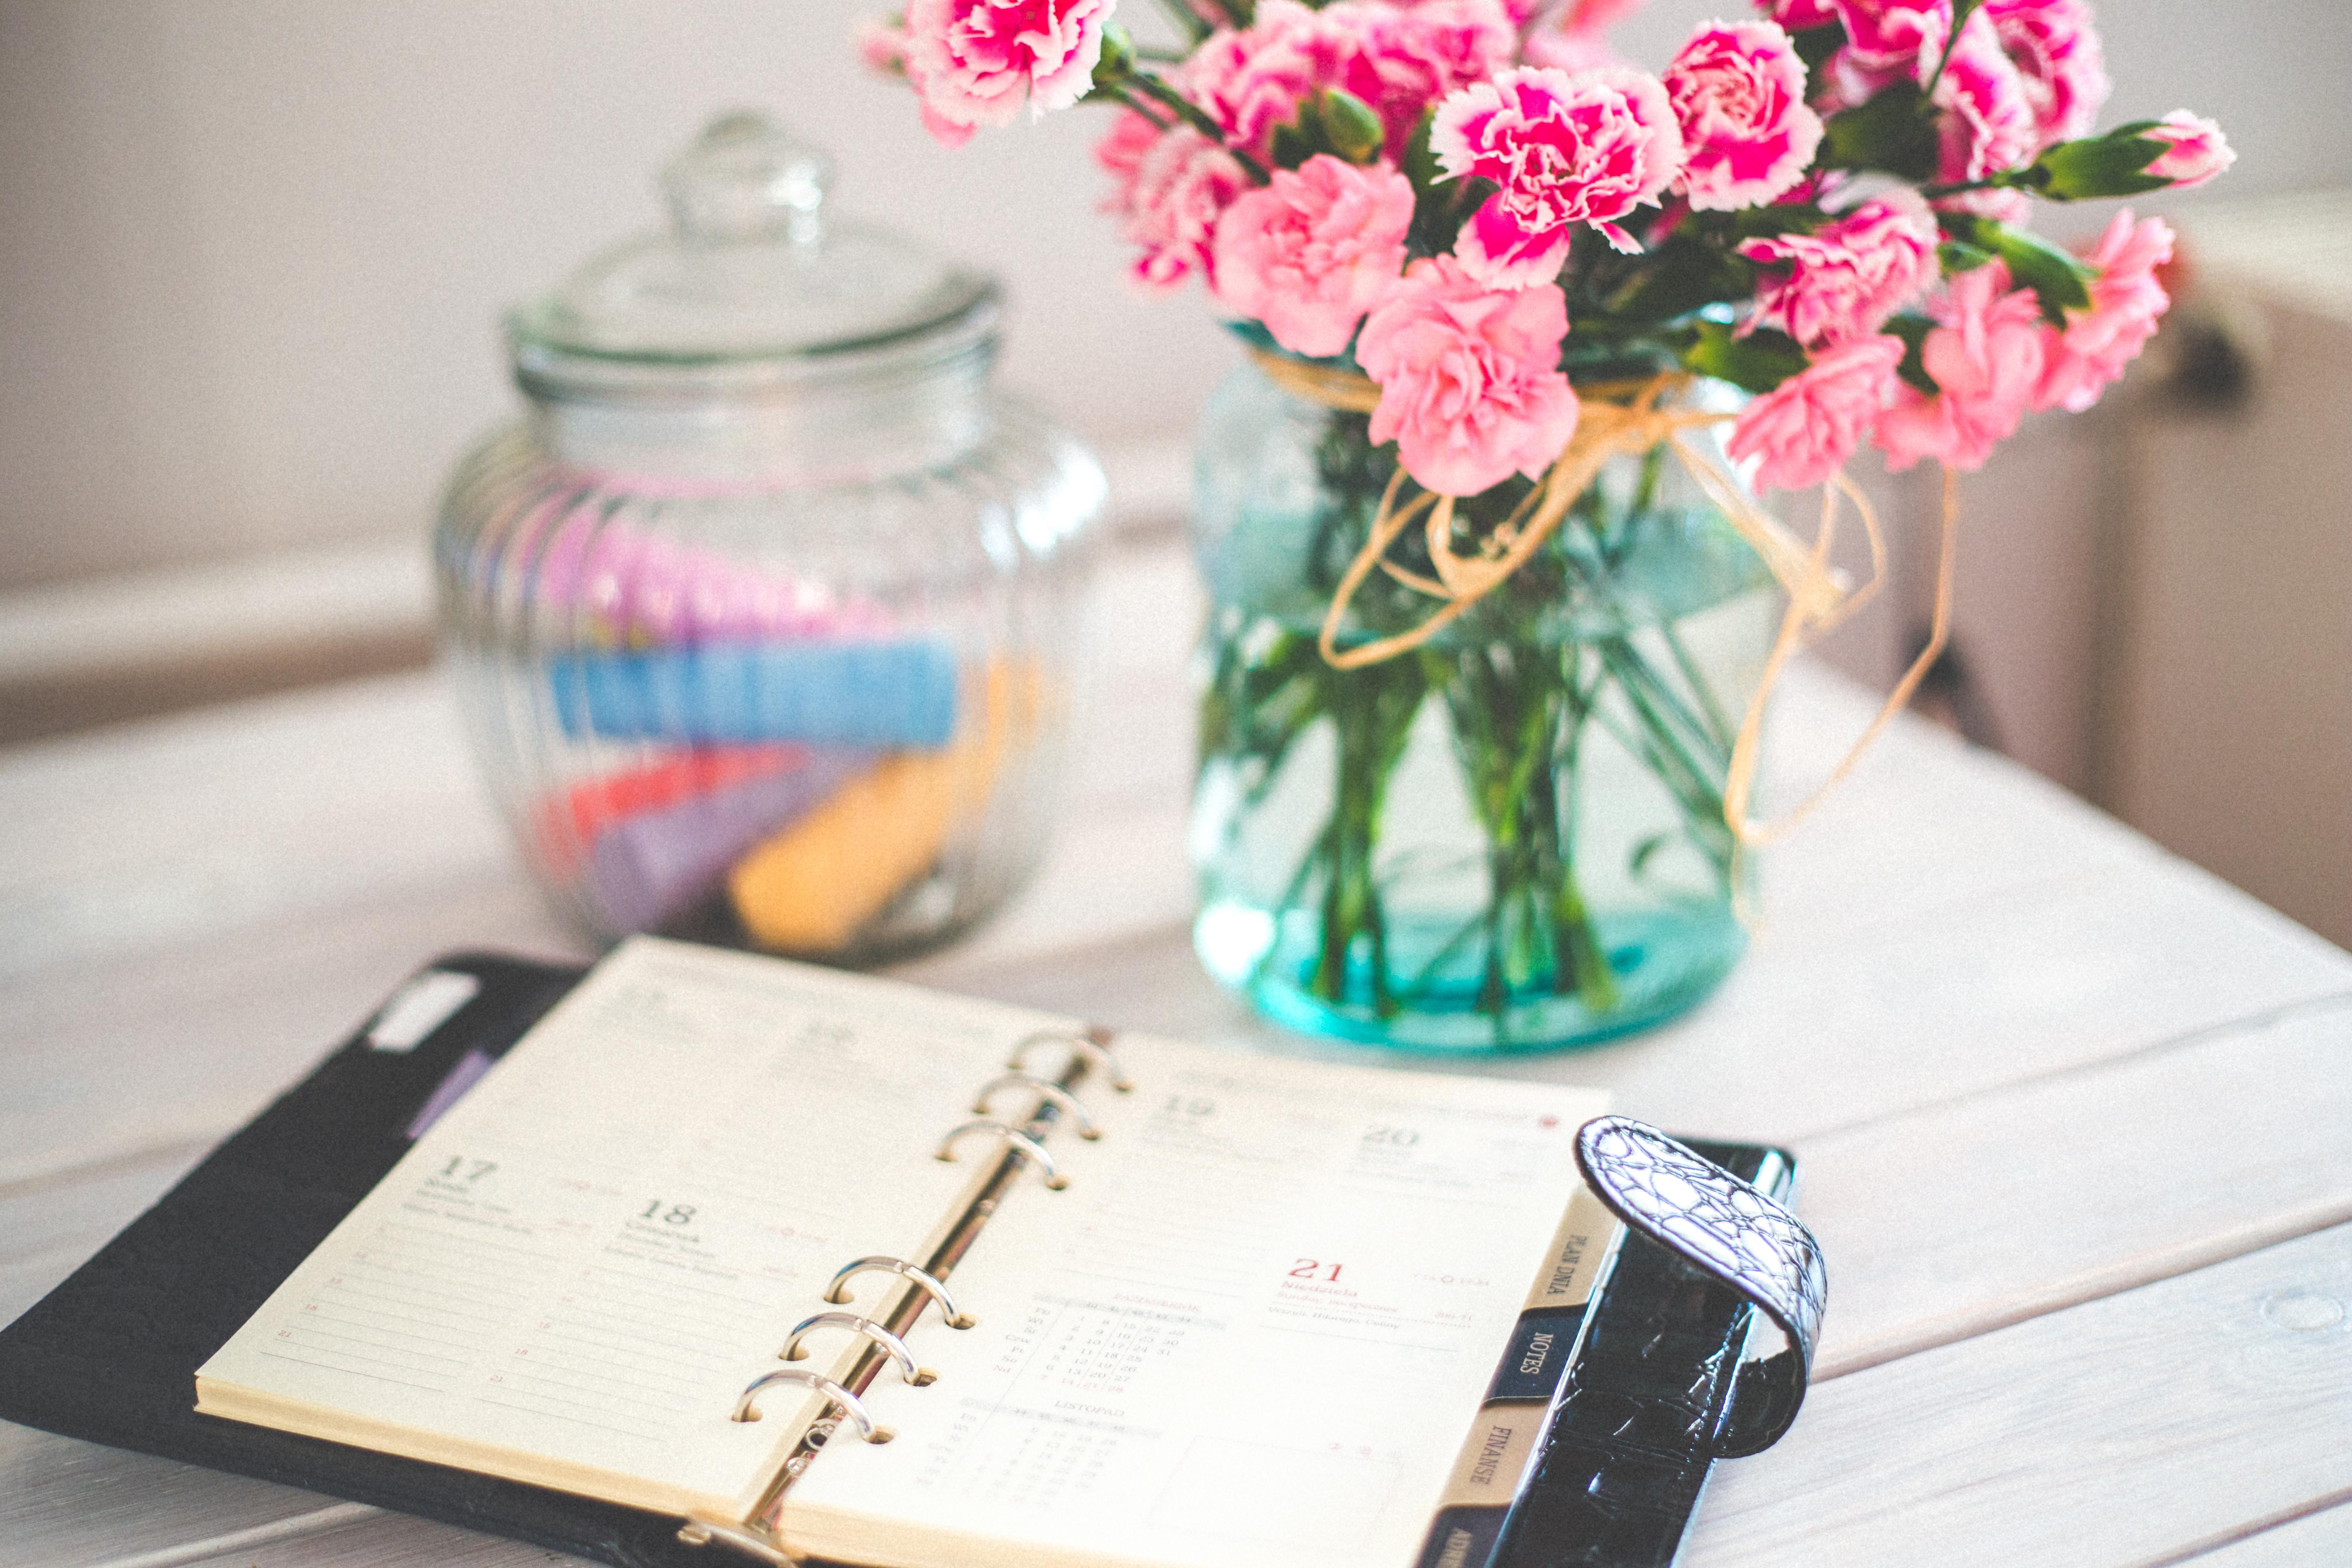 Blumen und ein Kalender liegen auf dem Tisch